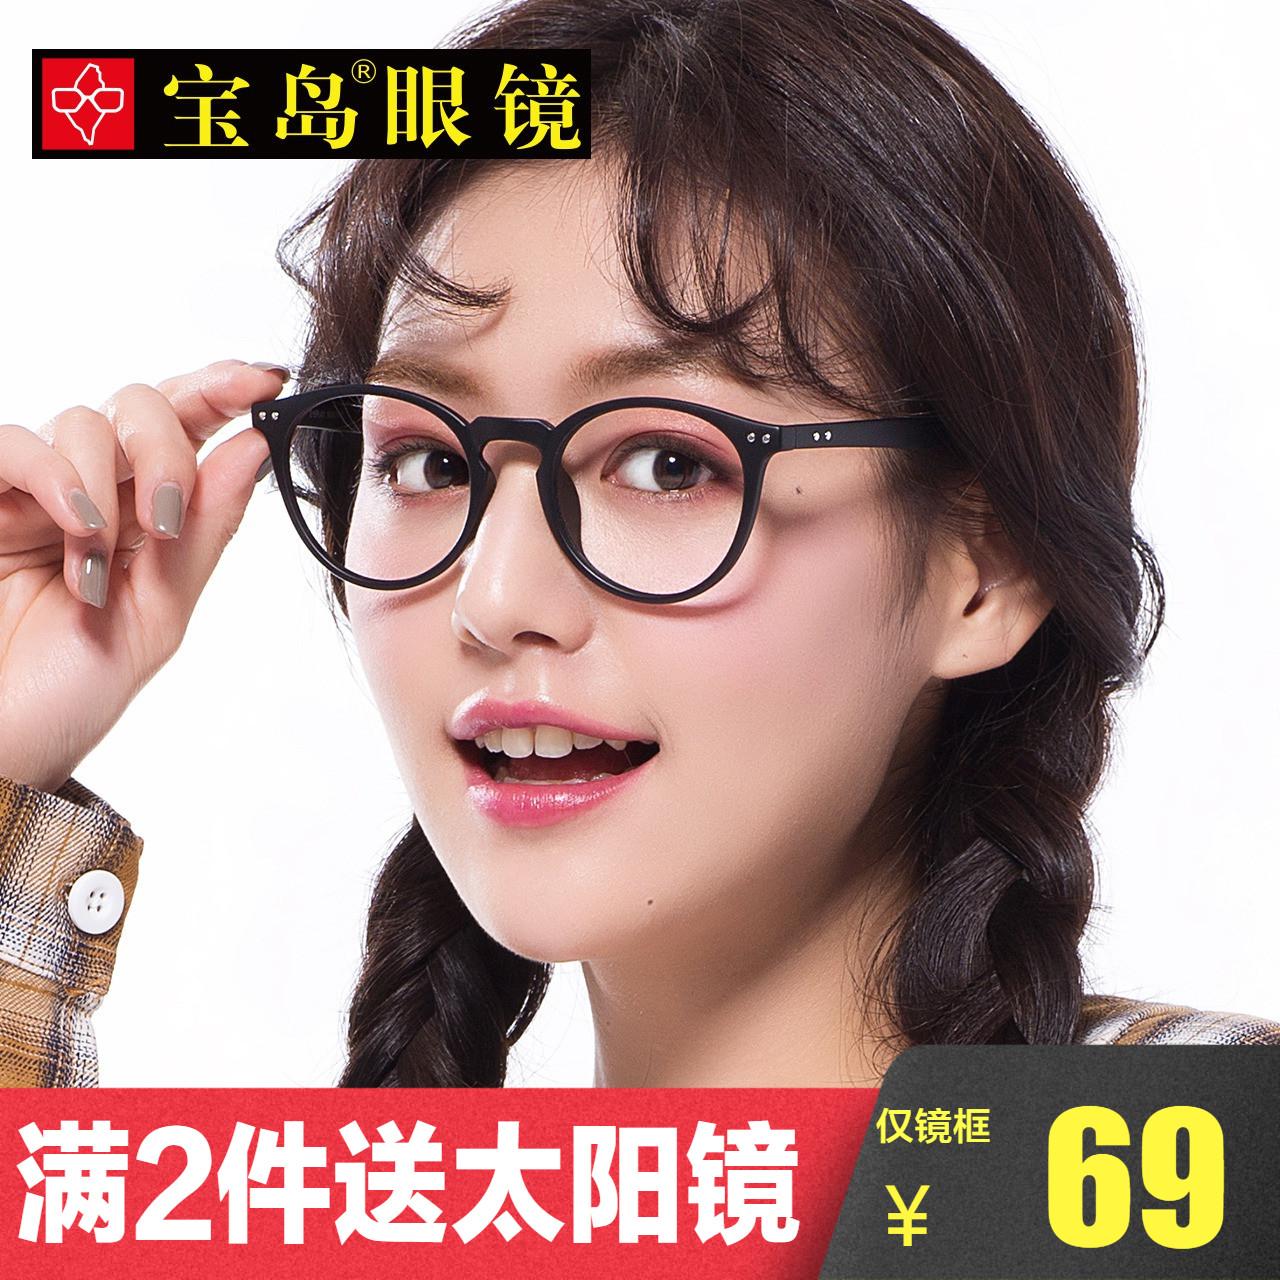 宝岛眼镜 近视眼镜女TR90韩版潮款配眼镜超轻镜架镜框 目戏2223